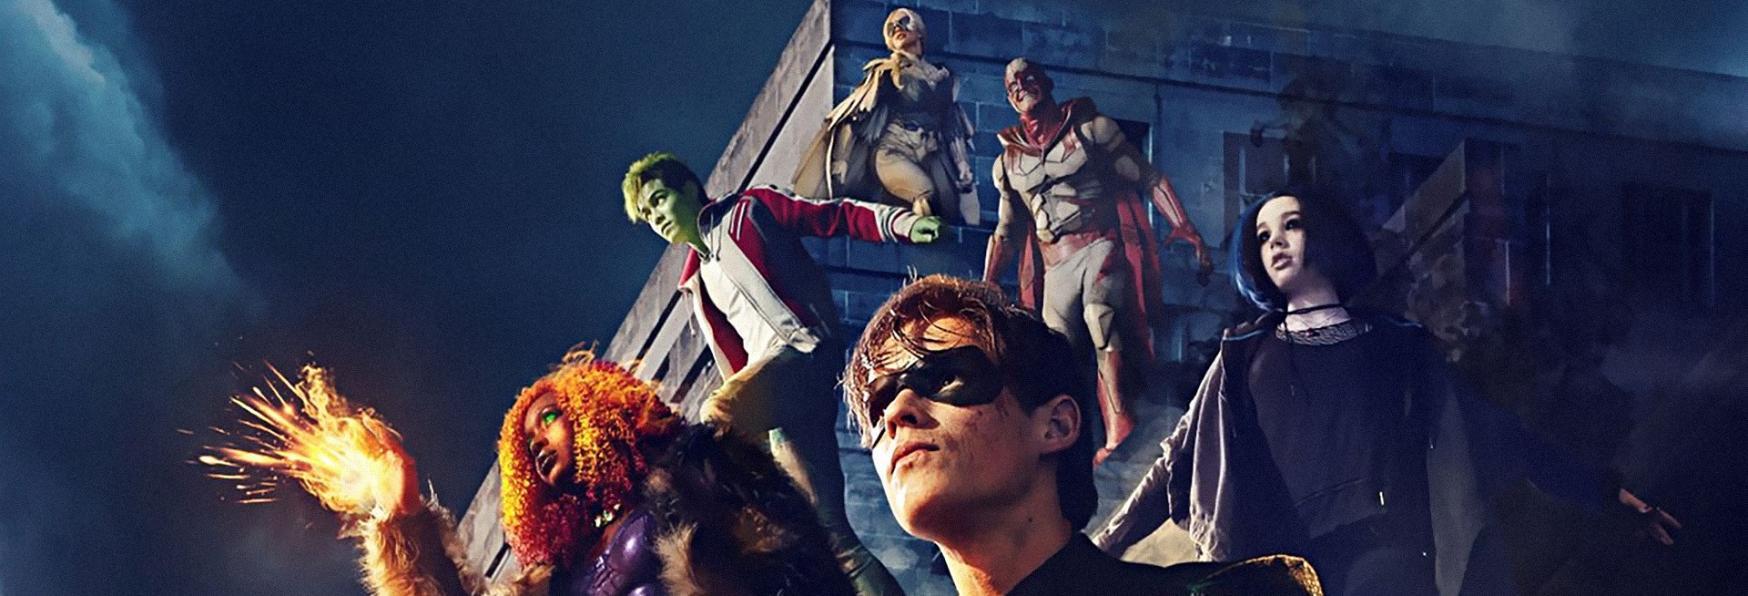 Titans: Recensione della Serie TV di Supereroi targata DC Universe